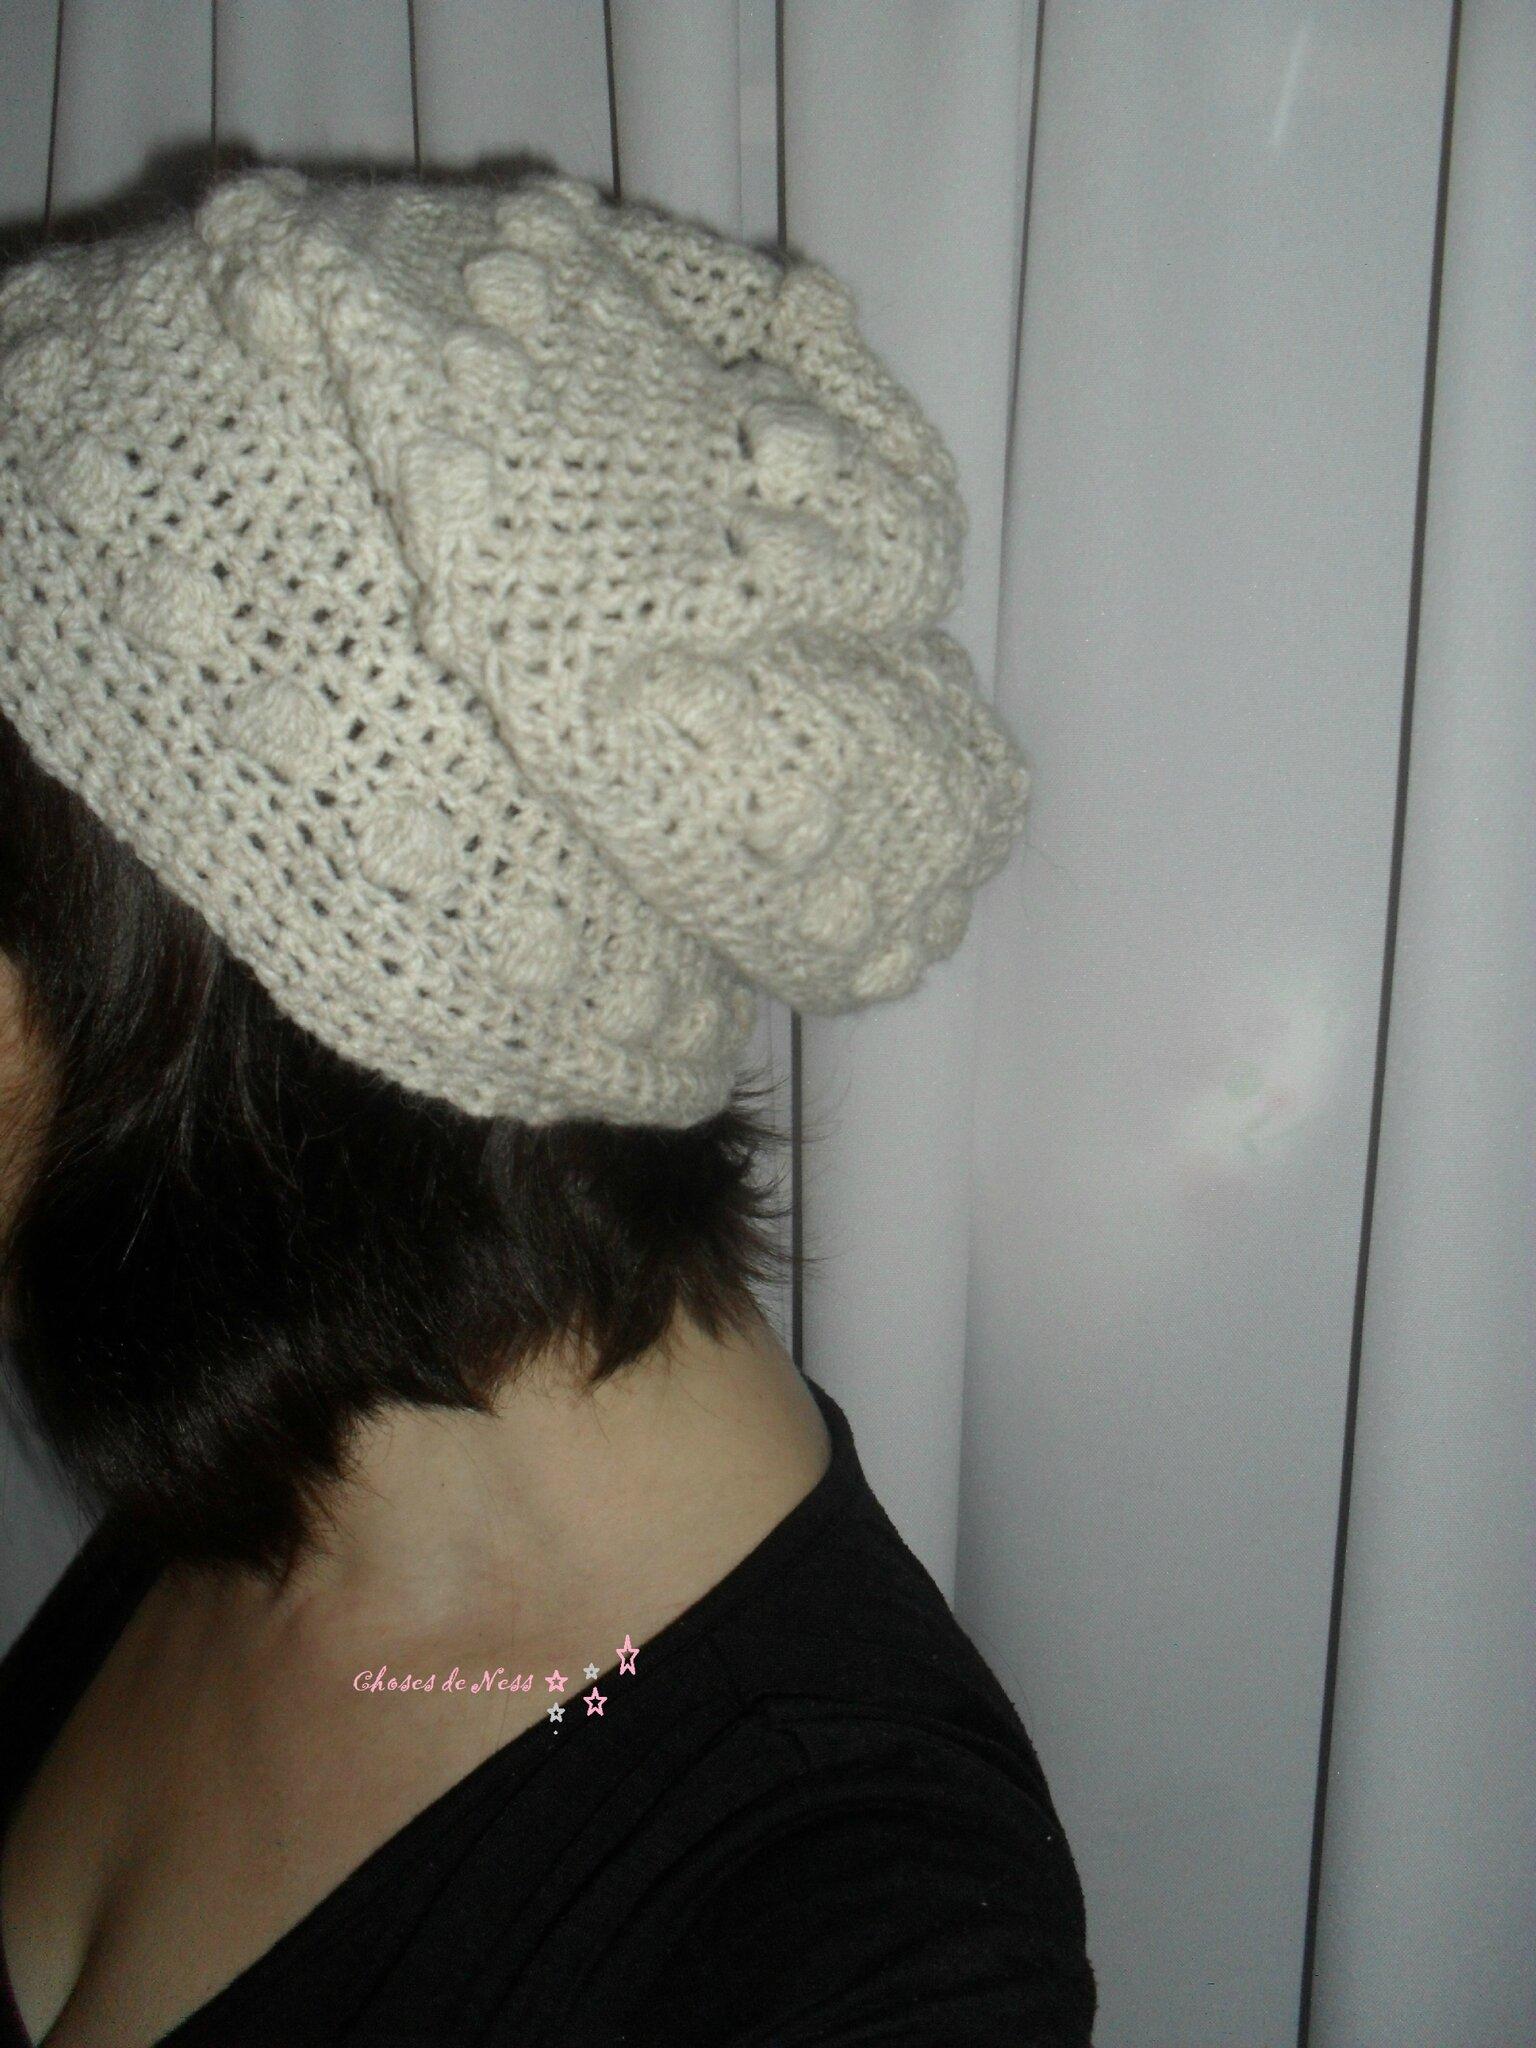 Mon bobble hat...